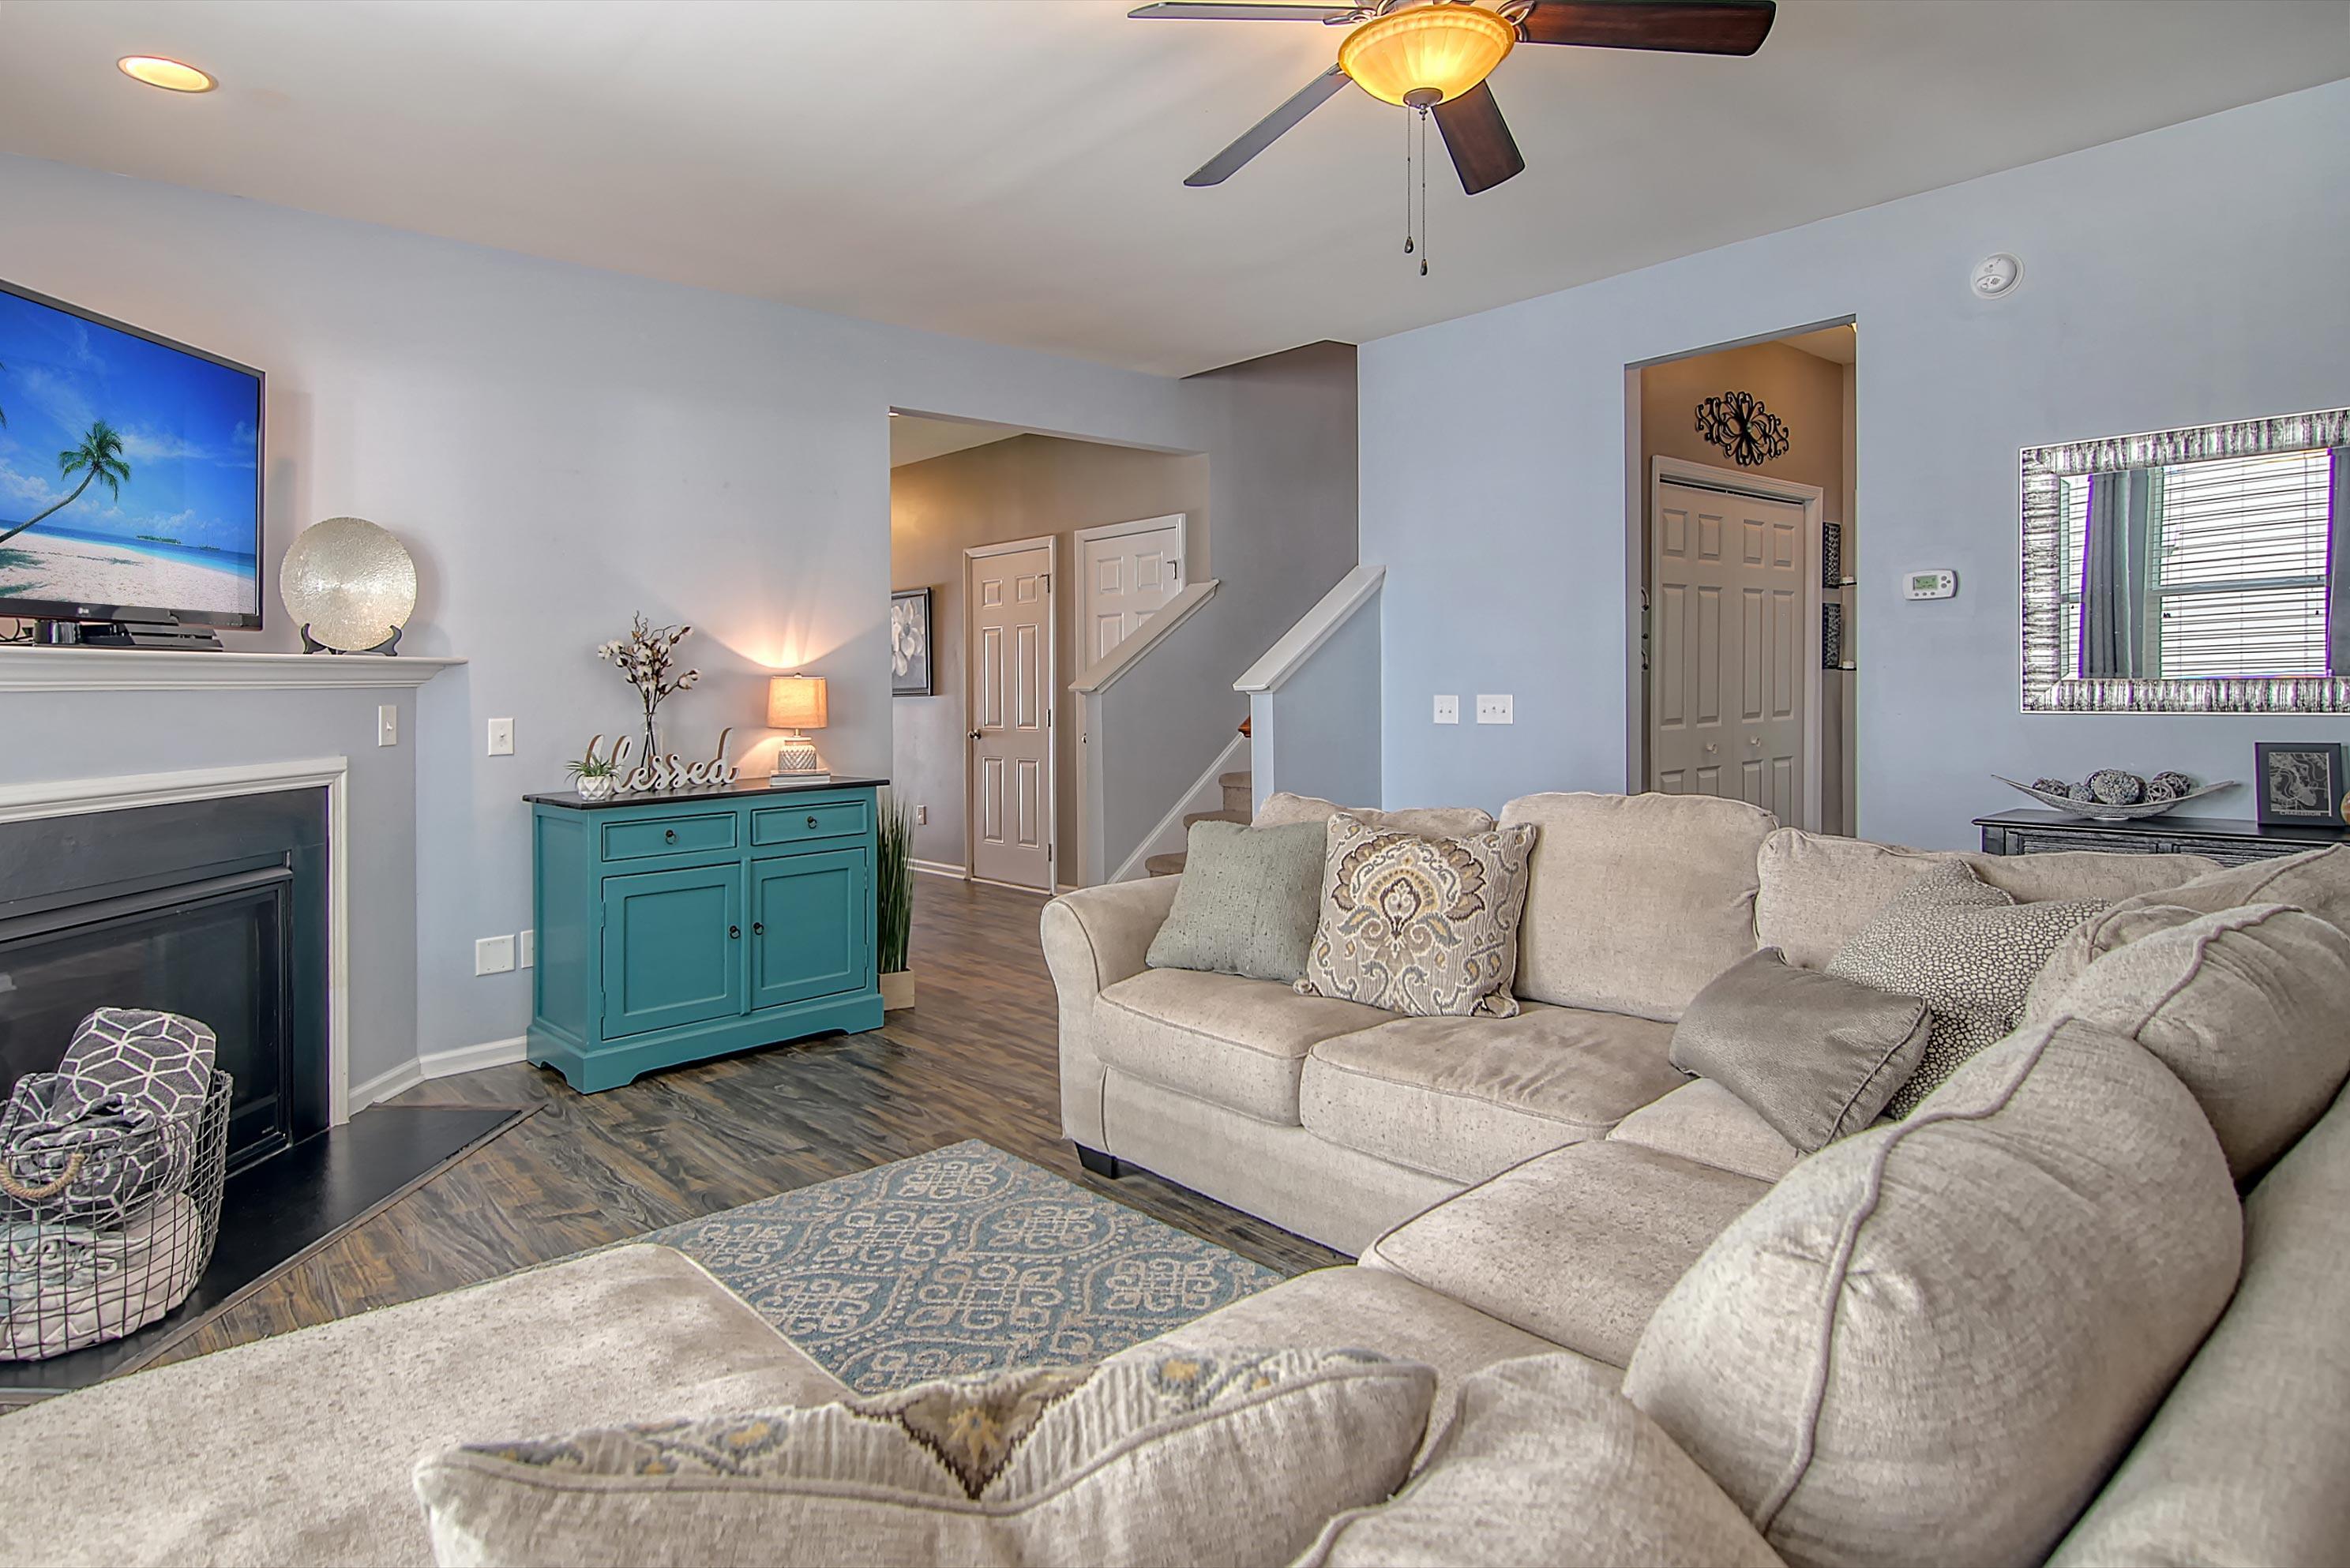 Lieben Park Homes For Sale - 3598 Franklin Tower, Mount Pleasant, SC - 35